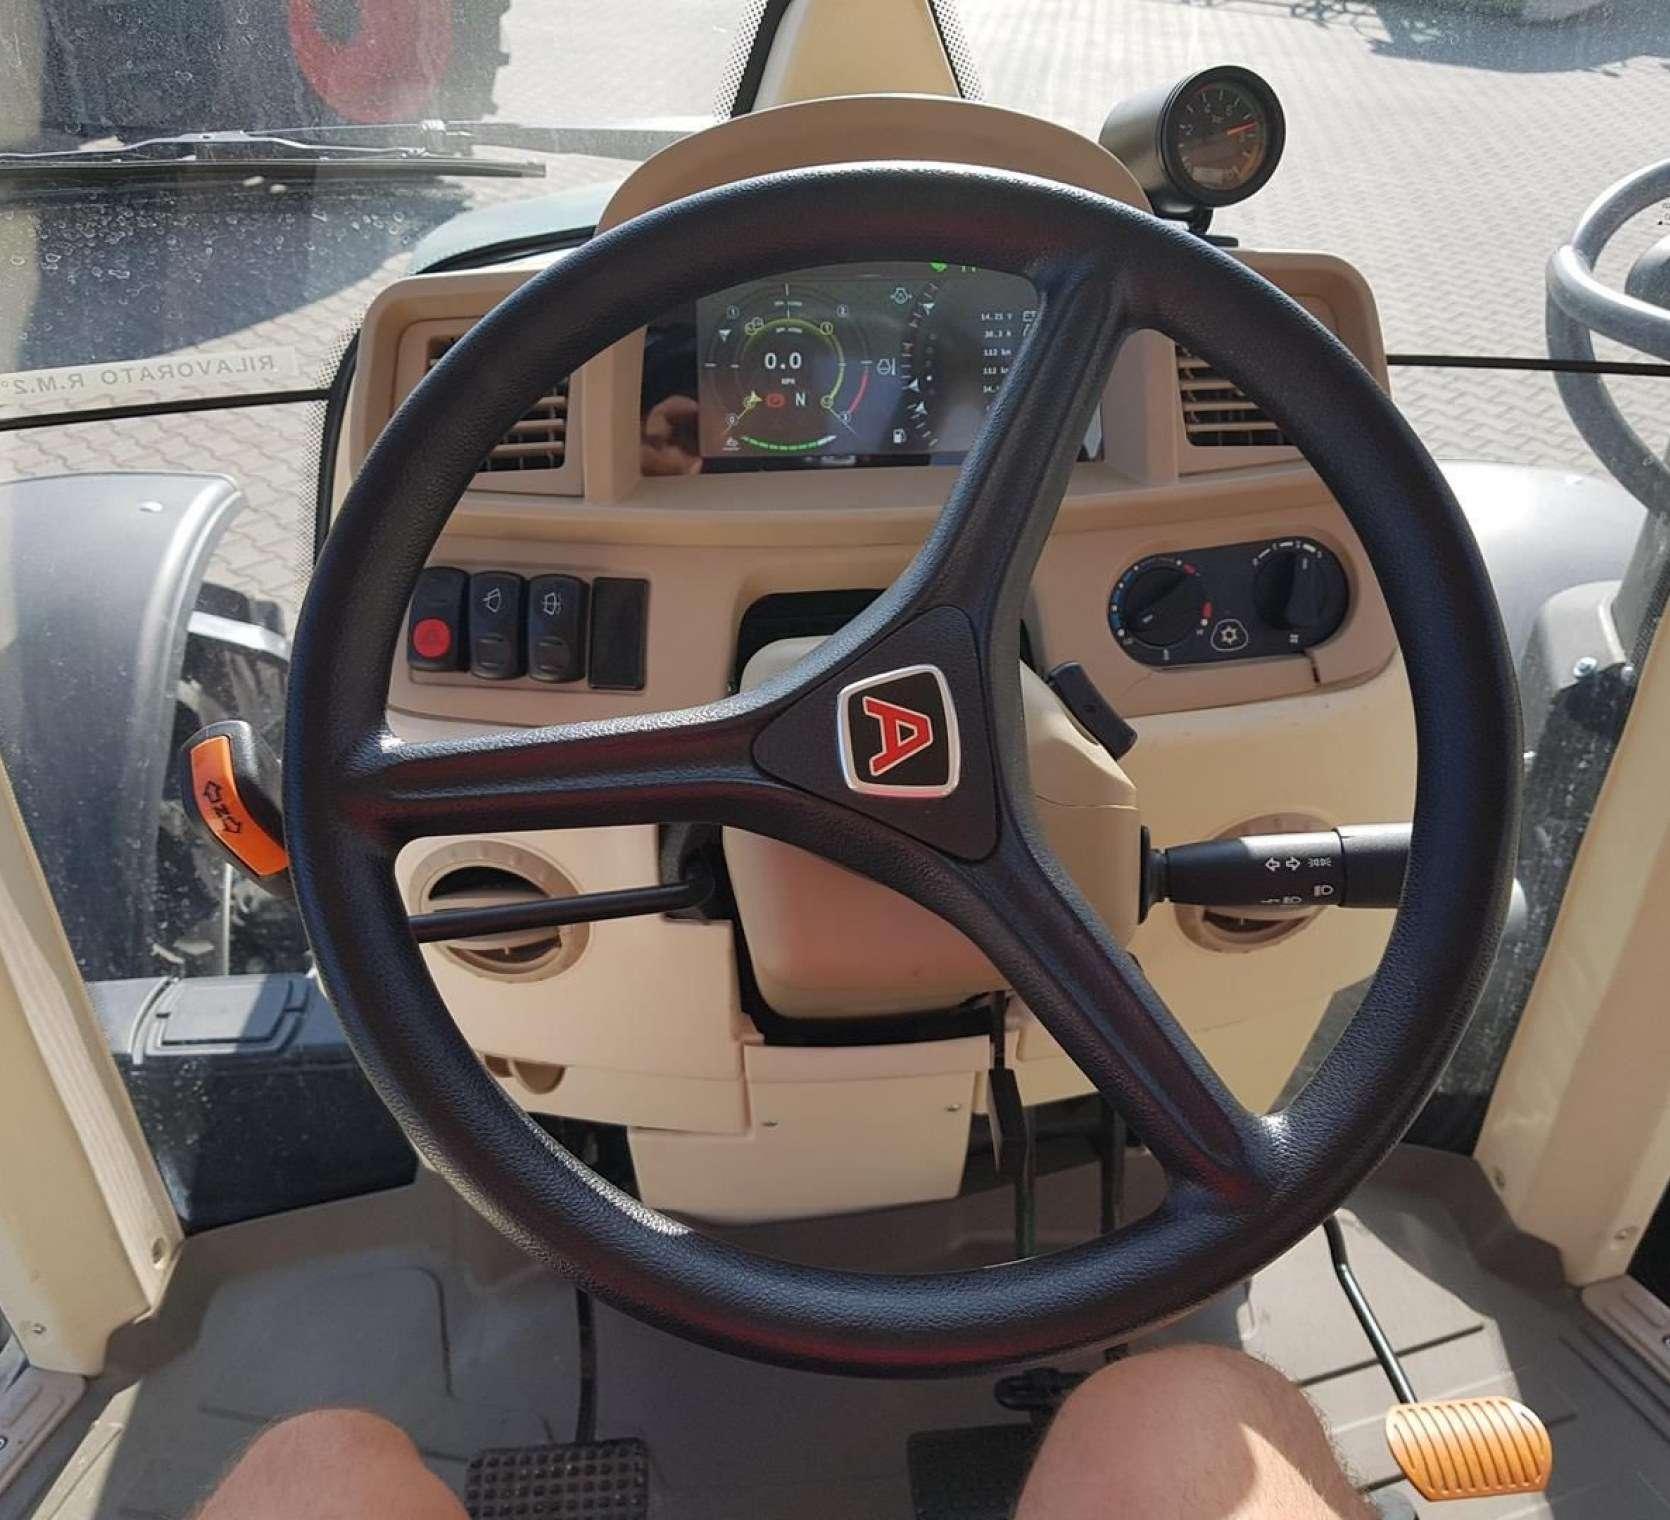 ujecie z kabiny widok kierowcy kierownica deska rozdzielcza przyciski elektrohydrauliczne